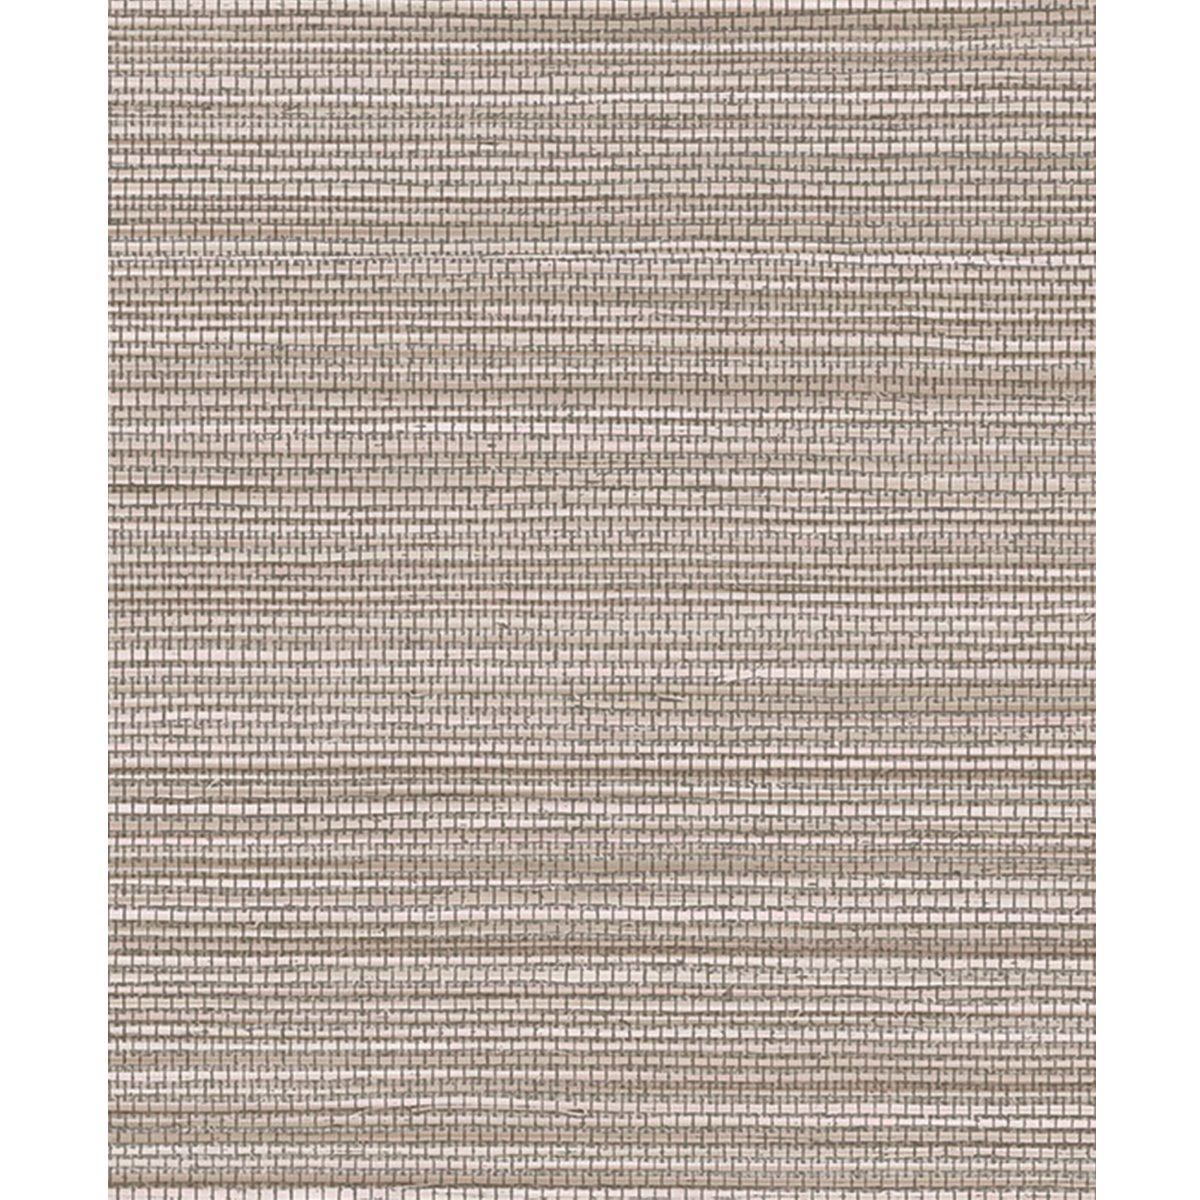 Arte Avalon Marsh Behang - 31505